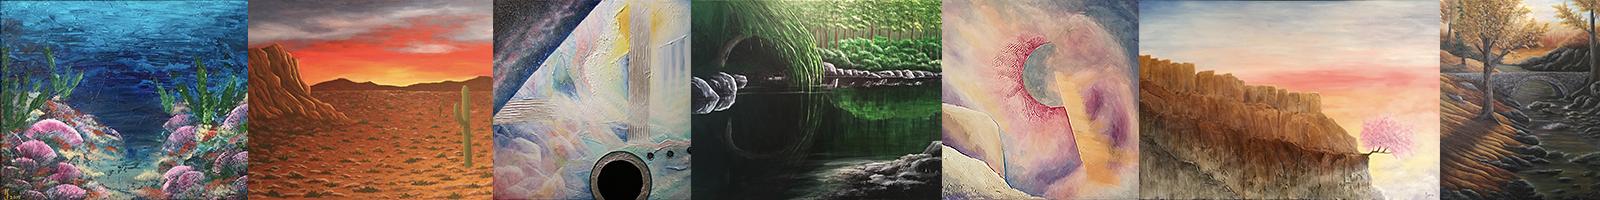 KJ Burk | Fine Art by KJ Burk ~ KJsArtStudio.com